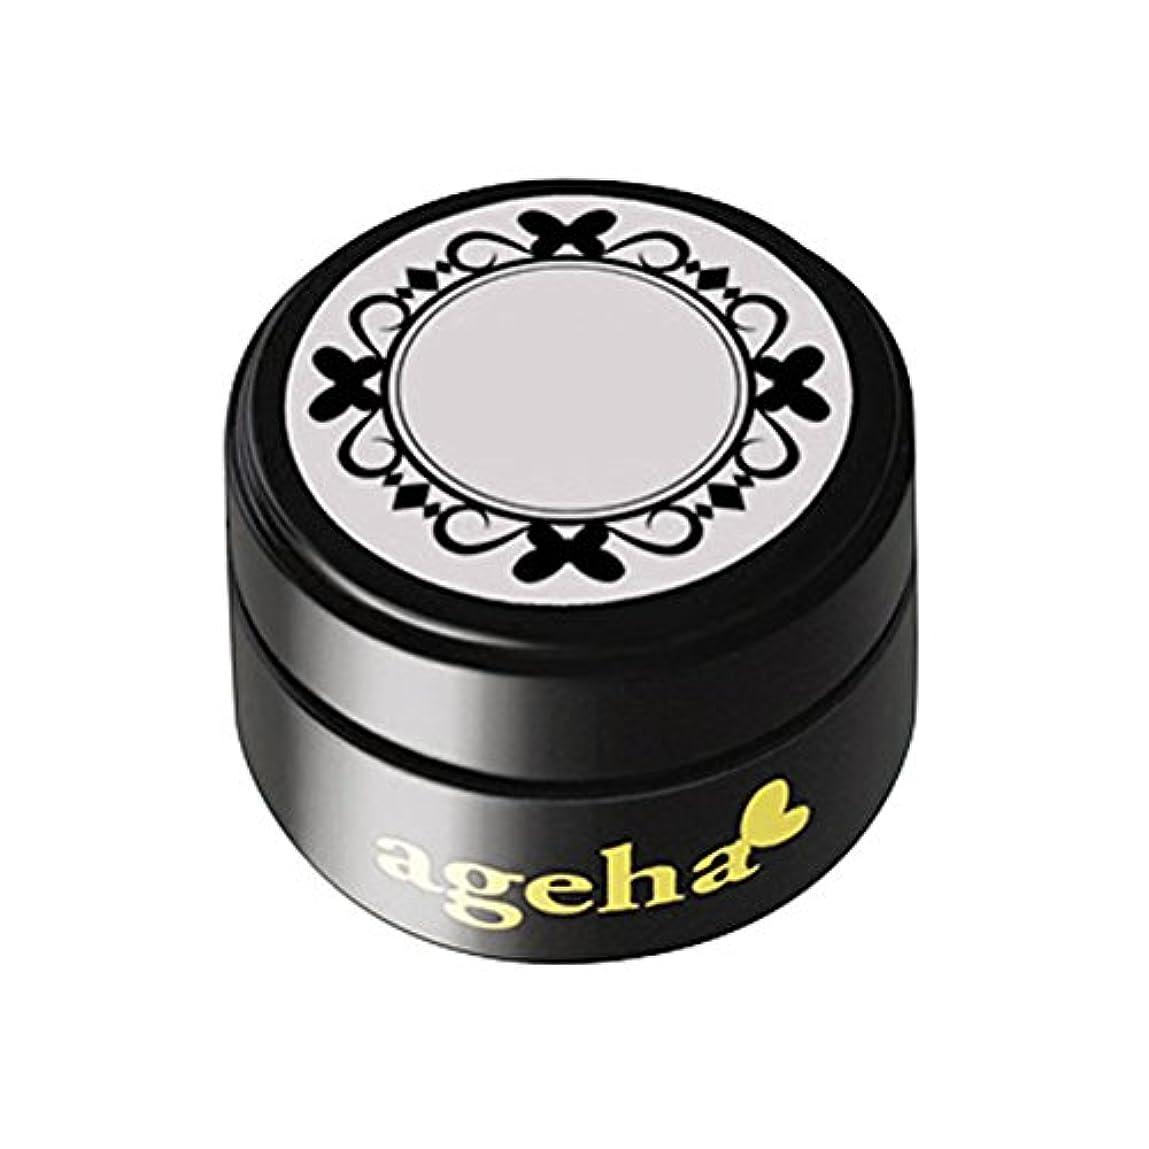 滞在成功するその結果ageha gel カラージェル コスメカラー 401 オーロラダスト 2.7g UV/LED対応